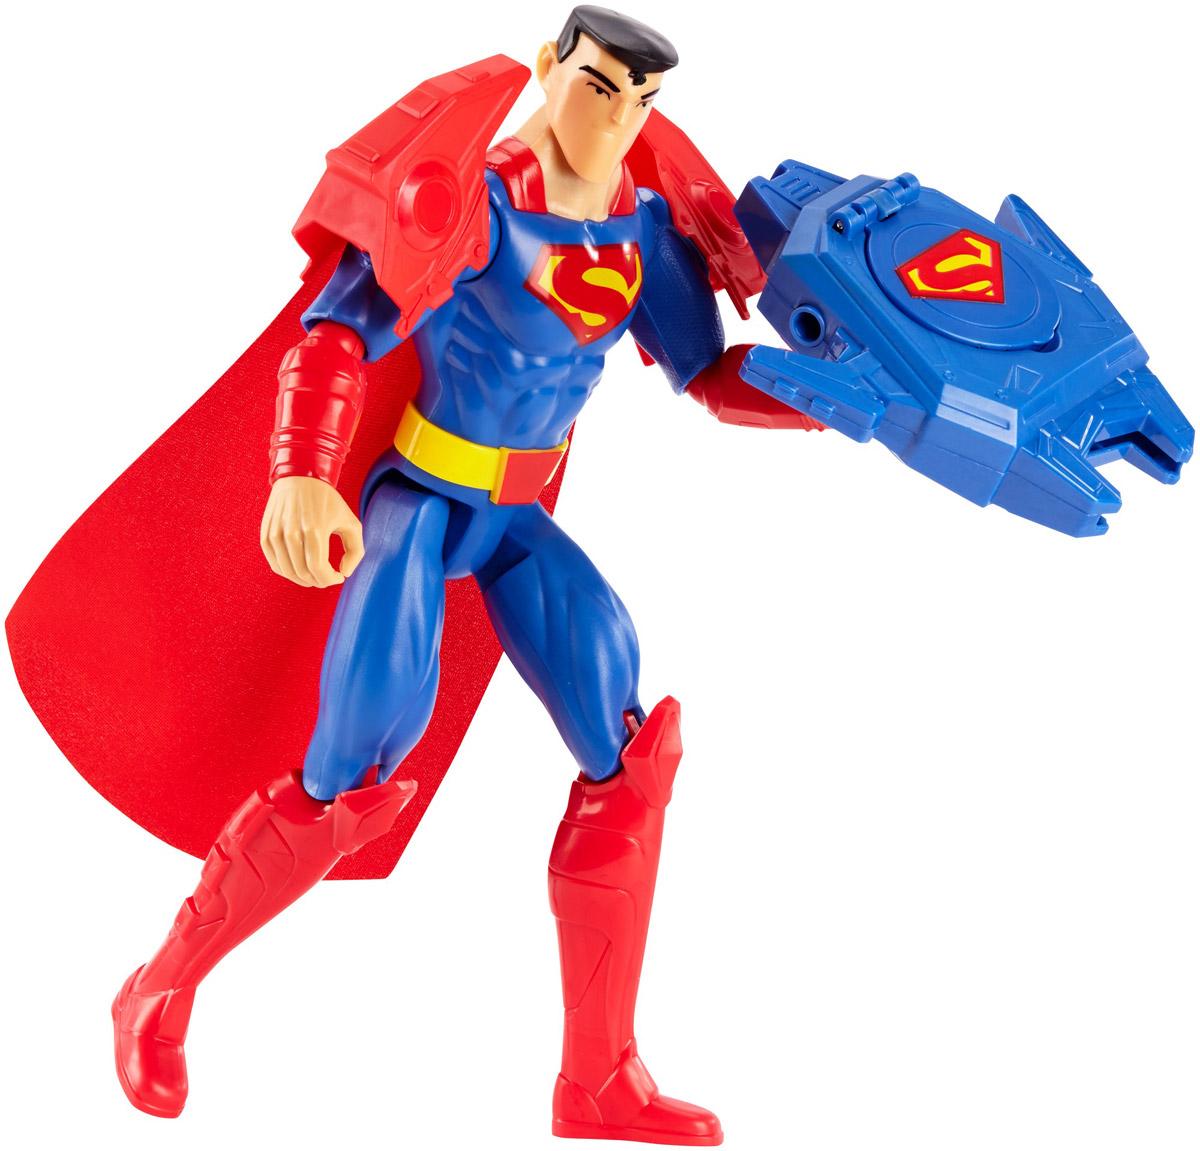 Batman Фигурка Superman Armor BlastFBR08_FBR09Фигурка Batman Superman Armor Blast станет отличным подарком юному поклоннику комиксов DC Comics. Armor Blast - мегакостюм Супермена, делающий его и так невероятную силу поистине безграничной! Мощная наплечная броня и смертоносное оружие, стреляющее дисками - только такая экипировка достойна супергероя! Эта 30-сантиметровая фигурка идеально передает уникальный образ и безукоризненный стиль героя Лиги Справедливости. Голова фигурки поворачивается, руки и ноги сгибаются, чтобы герой мог принимать самые невероятные позы. Выбери Бэтмена, Супермена, Флеша, Чудо-женщину, Джокера или других героев, чтобы воссоздать свои любимые схватки между супергероями и суперзлодеями вселенной DC Comics!